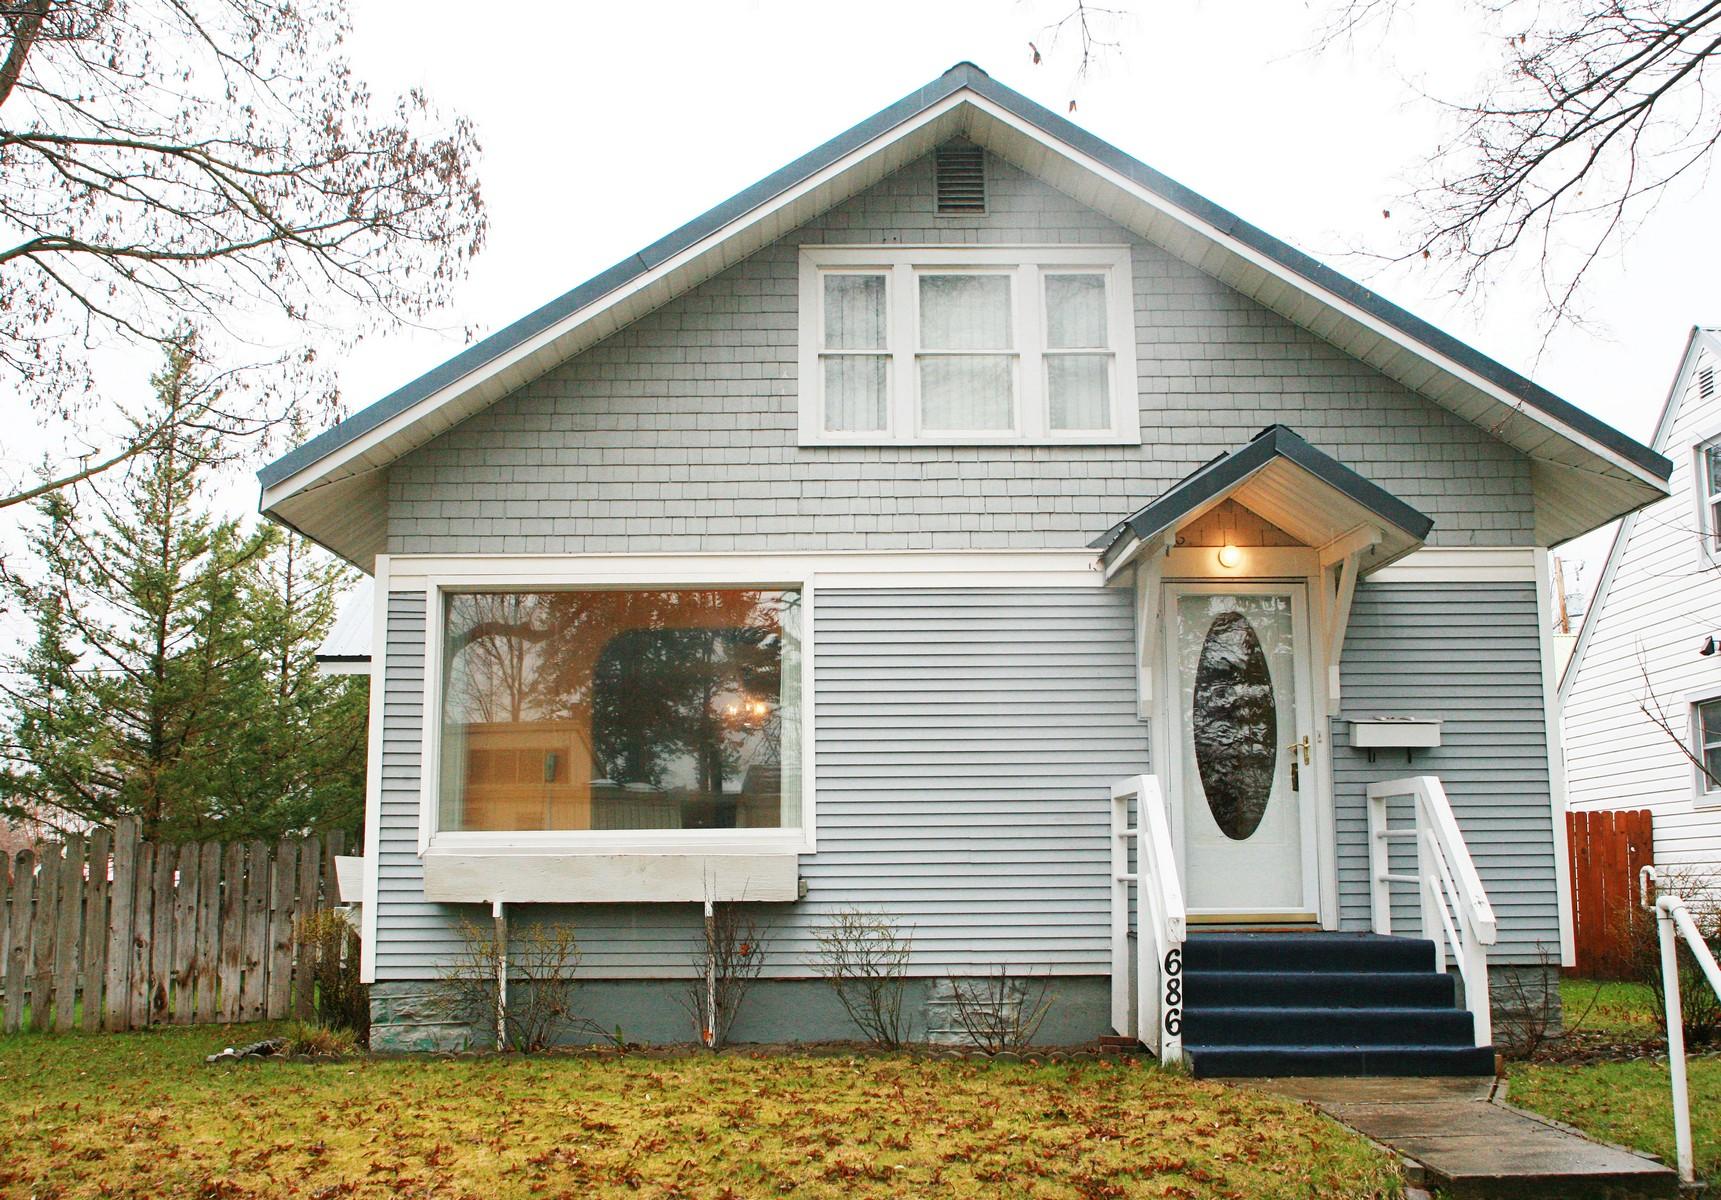 獨棟家庭住宅 為 出售 在 686 2nd Ave East North, Kalispell, MT 59901 686 2nd Ave Ea Kalispell, 蒙大拿州, 59901 美國